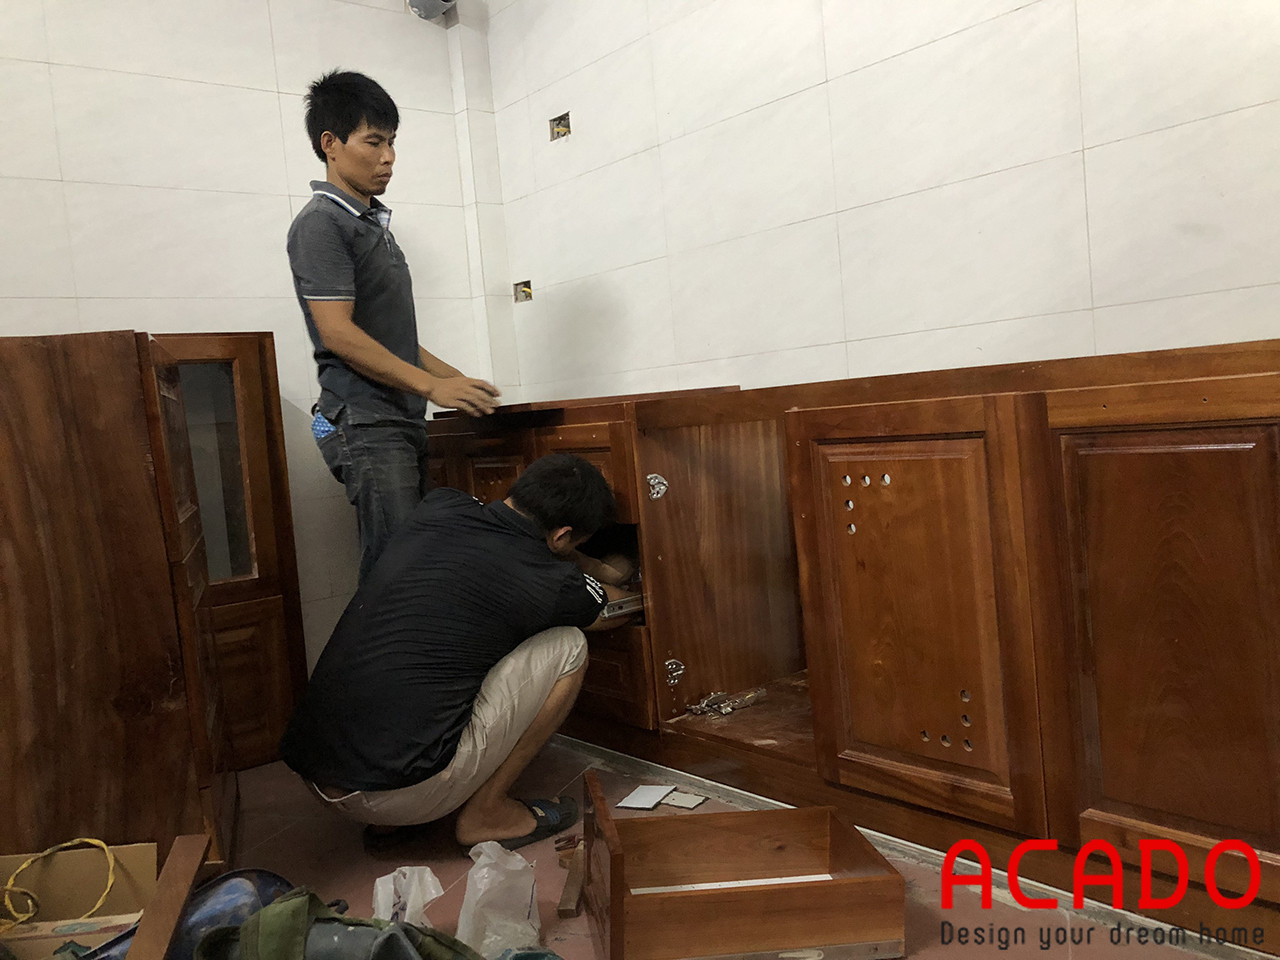 Thợ thi công ACADO bắt đầu đóng tủ bếp tại Tản Đà-tủ bếp chất liệu gỗ xoan đào